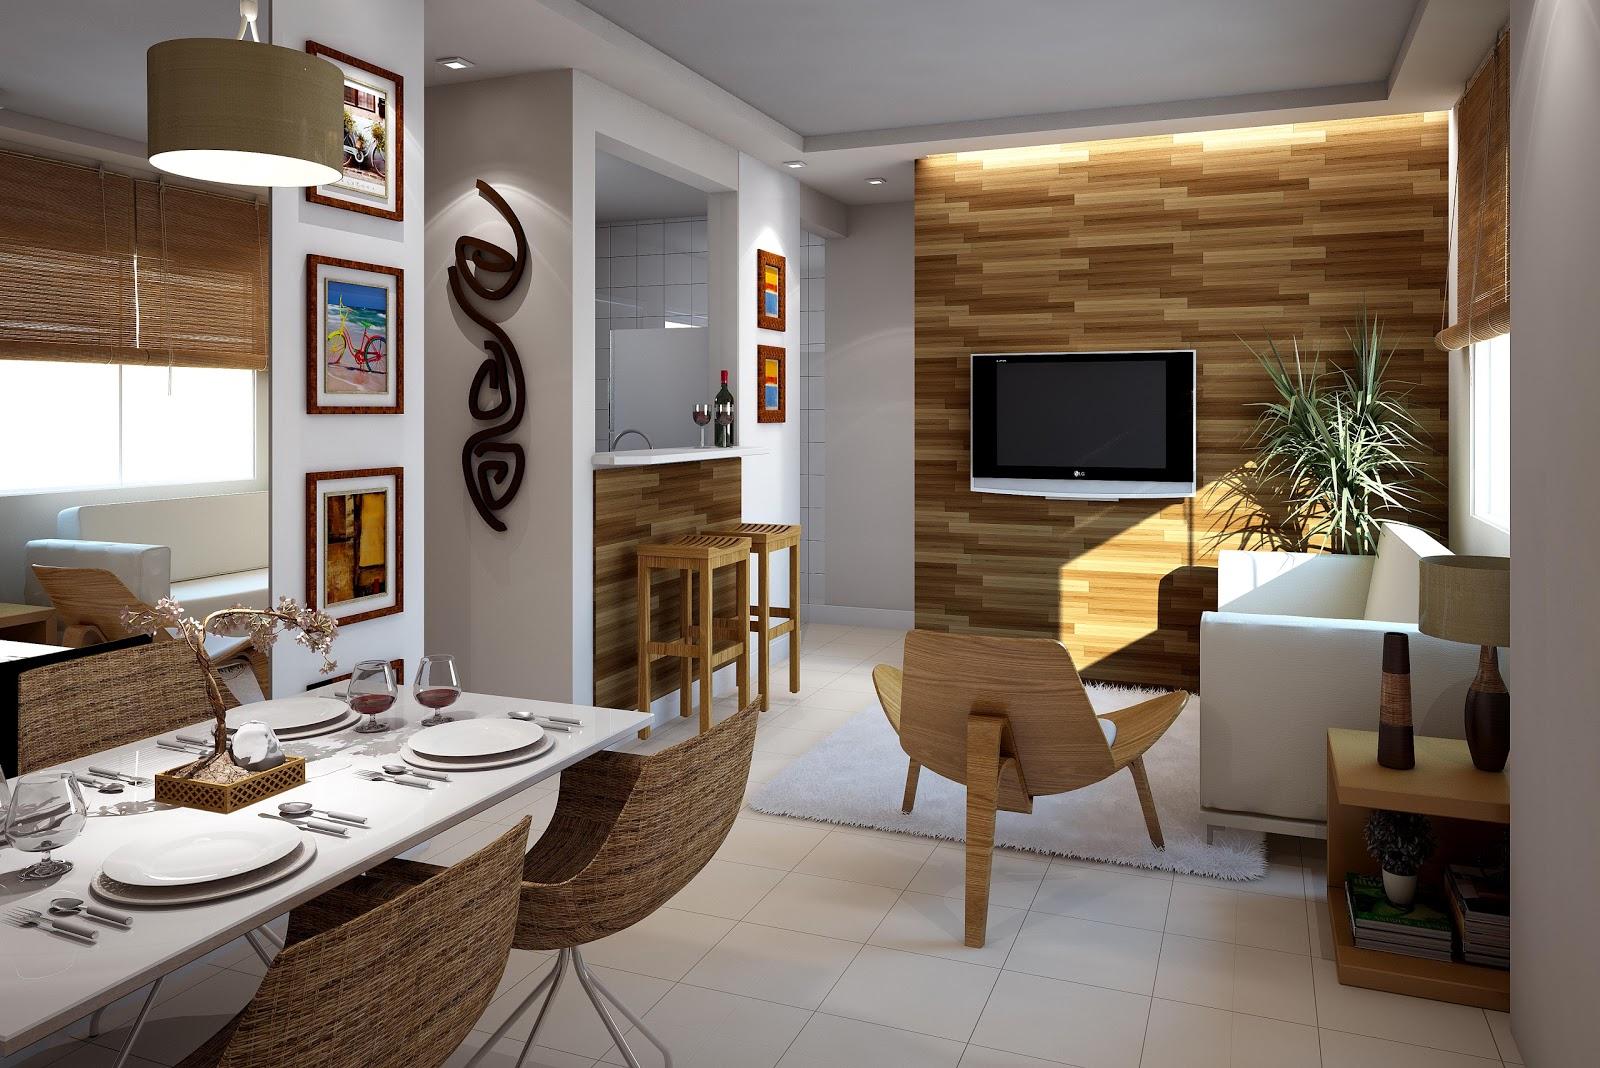 Sala de jantar estar e cozinha americana #966B35 1600 1068